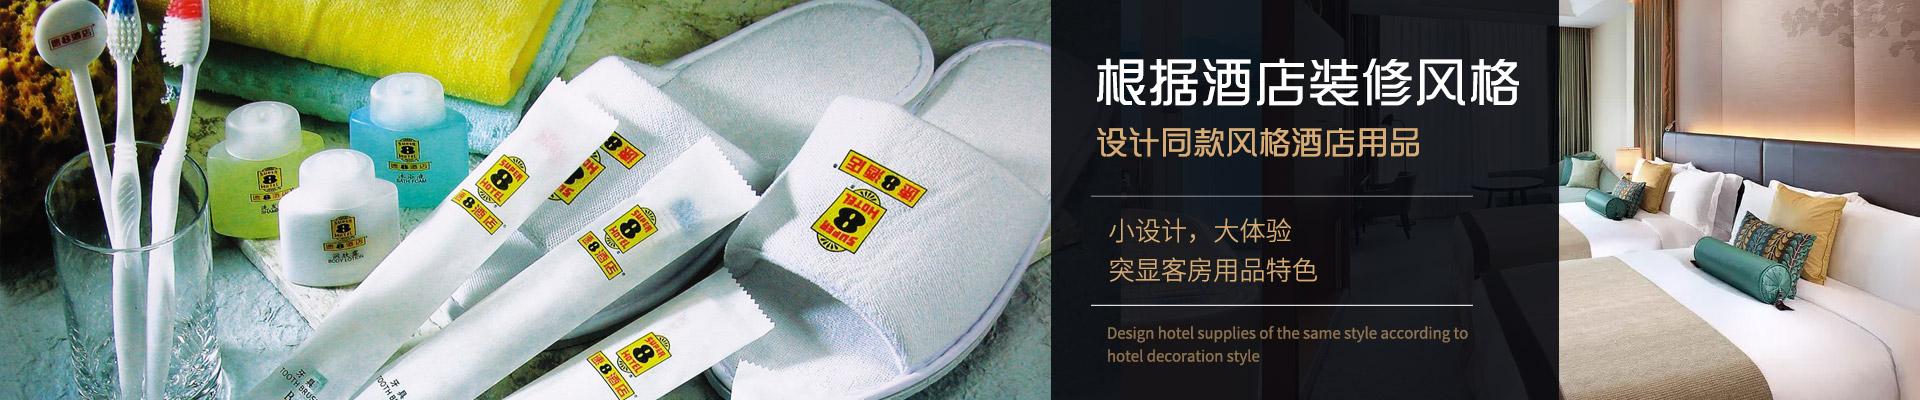 艾笑酒店用品套装系列-根据酒店装修风格,设计同款风格酒店用品